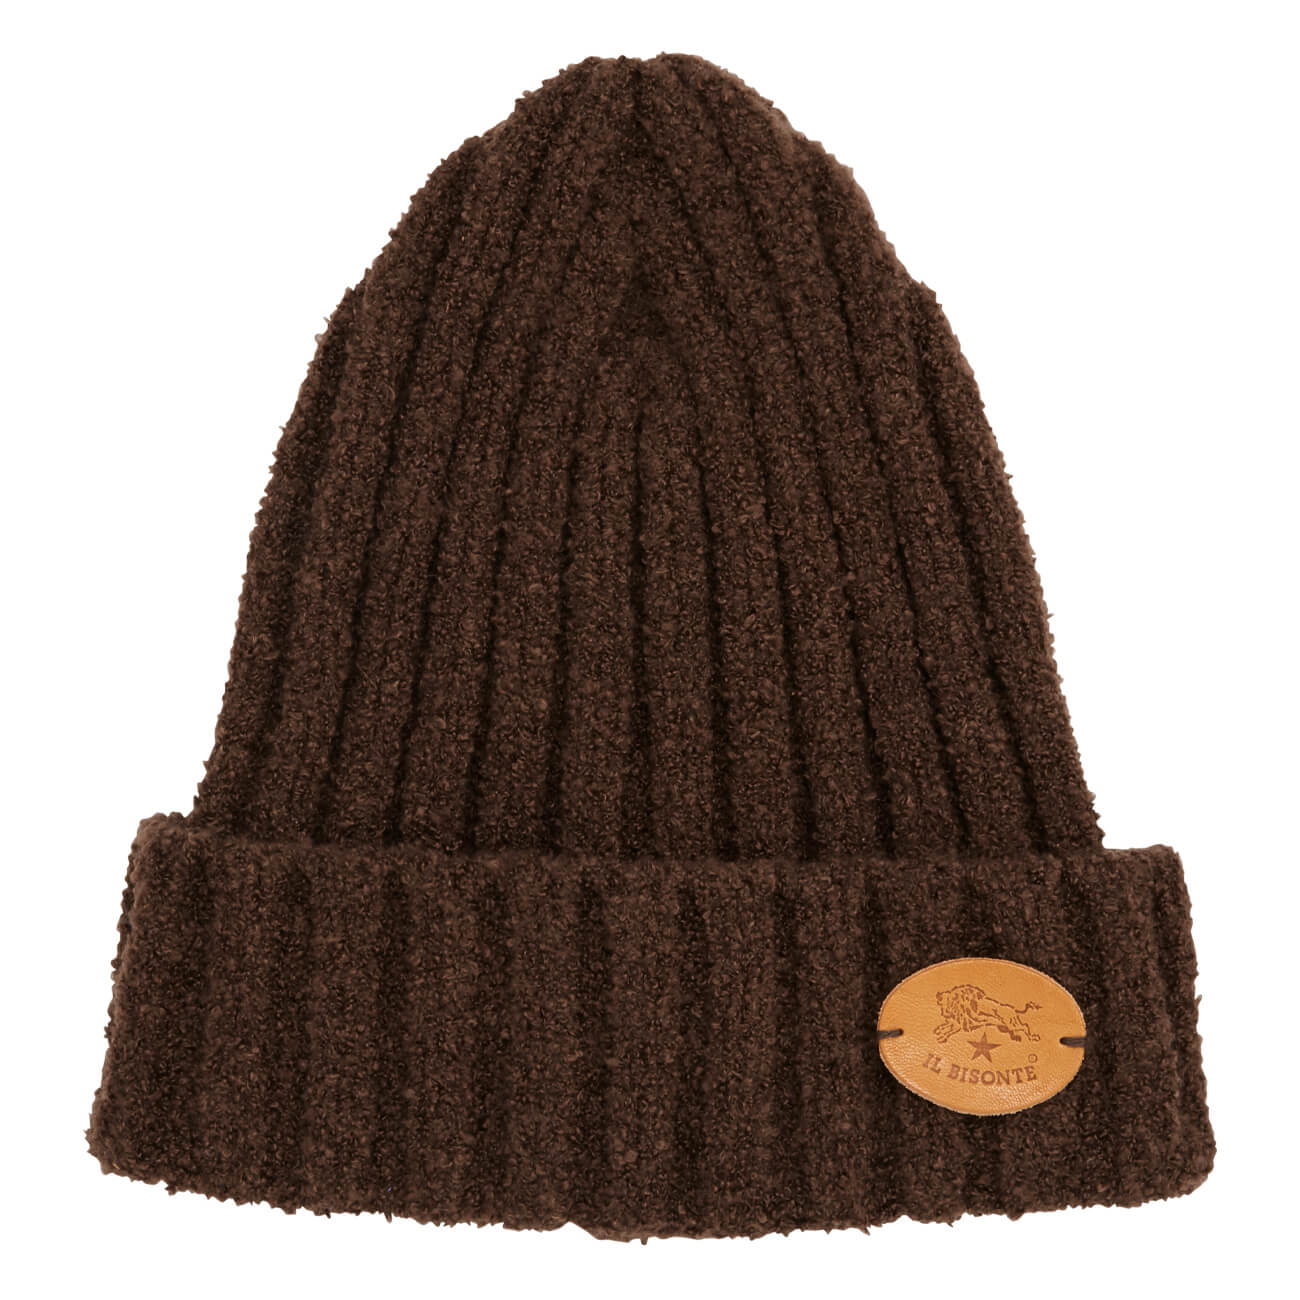 IL BISONTE (イル ビゾンテ) 日本公式オンラインストア ニット帽 54192309183